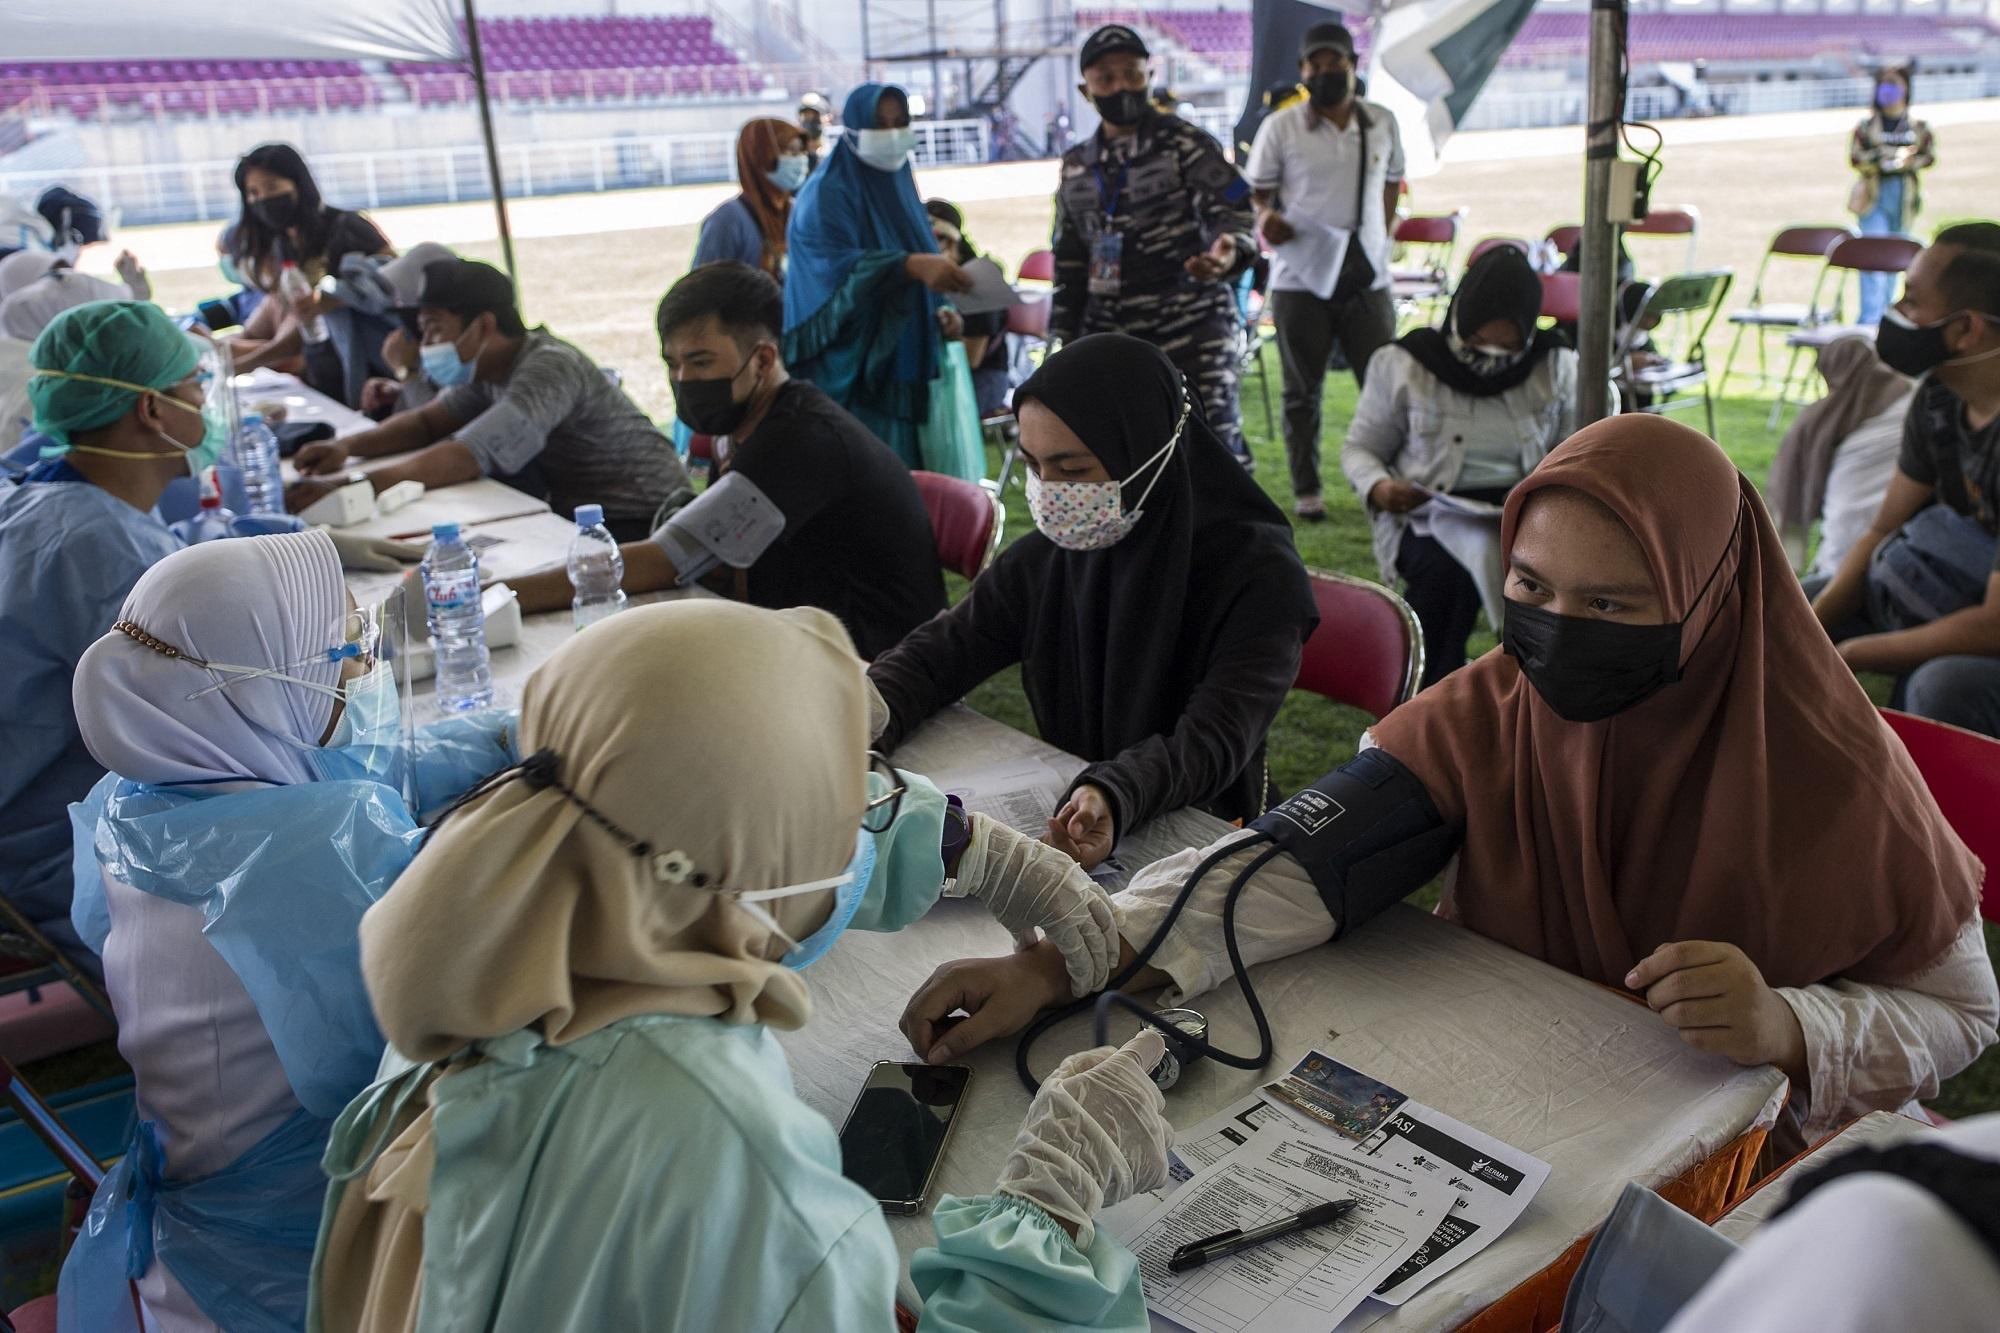 Một cảnh tiêm vắc xin Covid-19 ở Indonesia ngày 29.7. /// Reuters